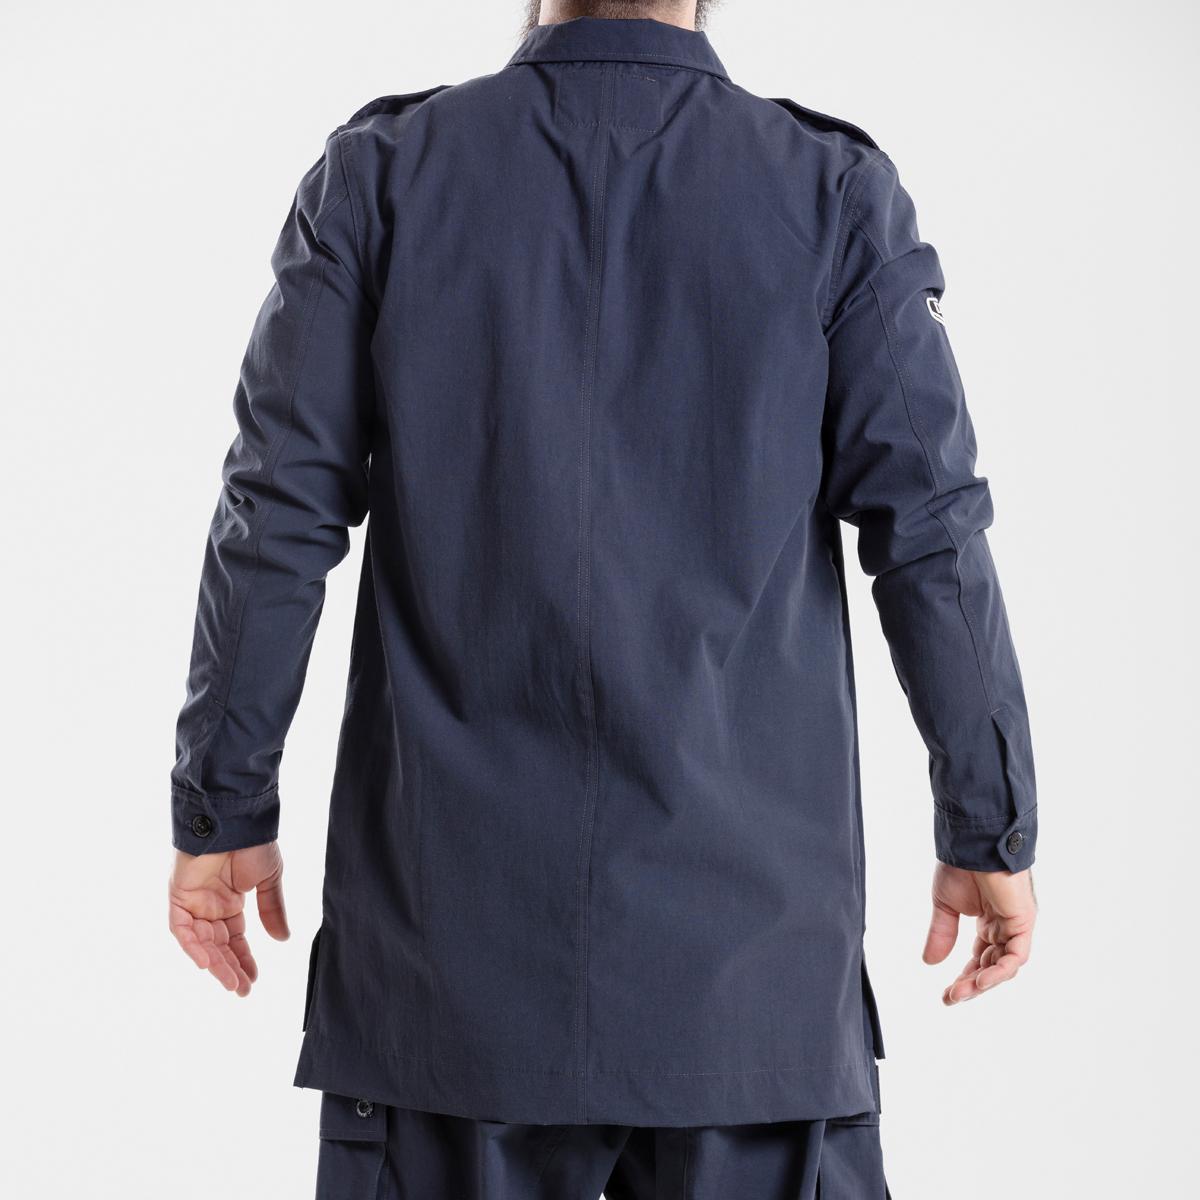 chemise veste oversize marine dcjeans manche longue dos